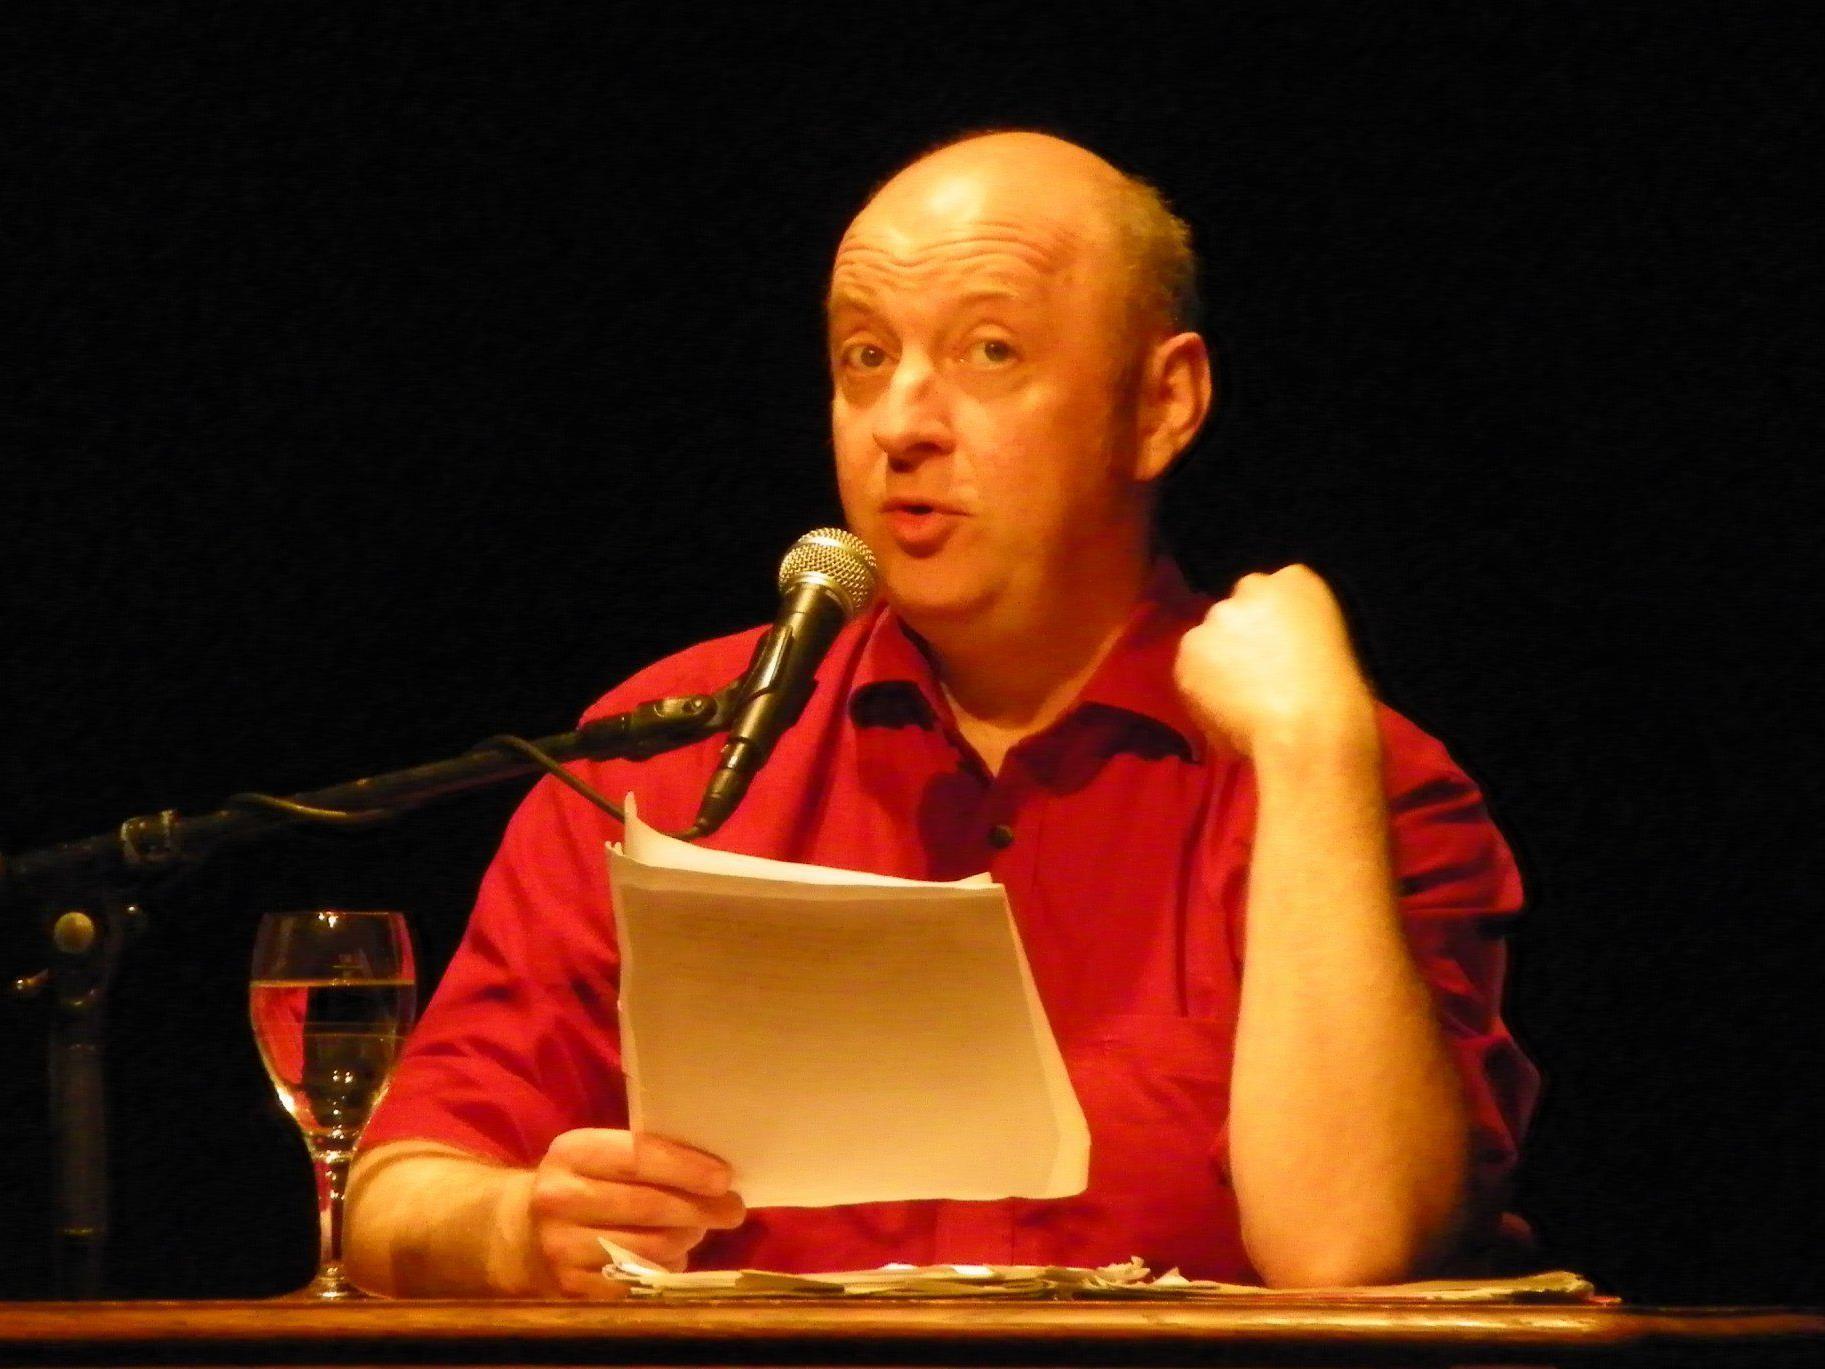 Kabarettist Horst Evers